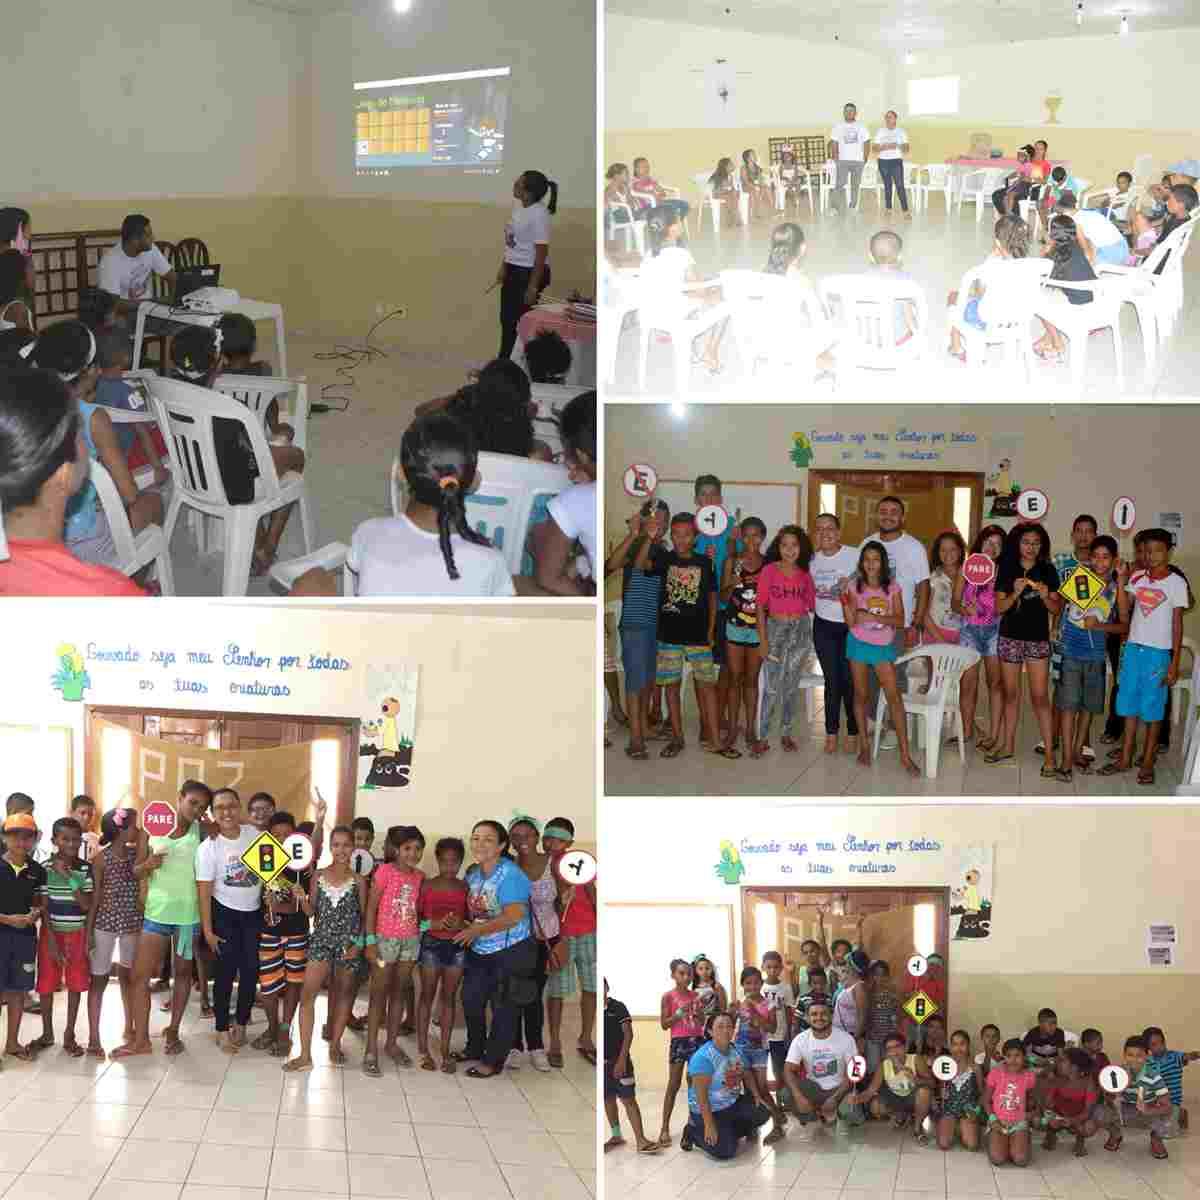 Férias em Trânsito: Ação Educativa no Centro Educacional São Francisco em Caxias